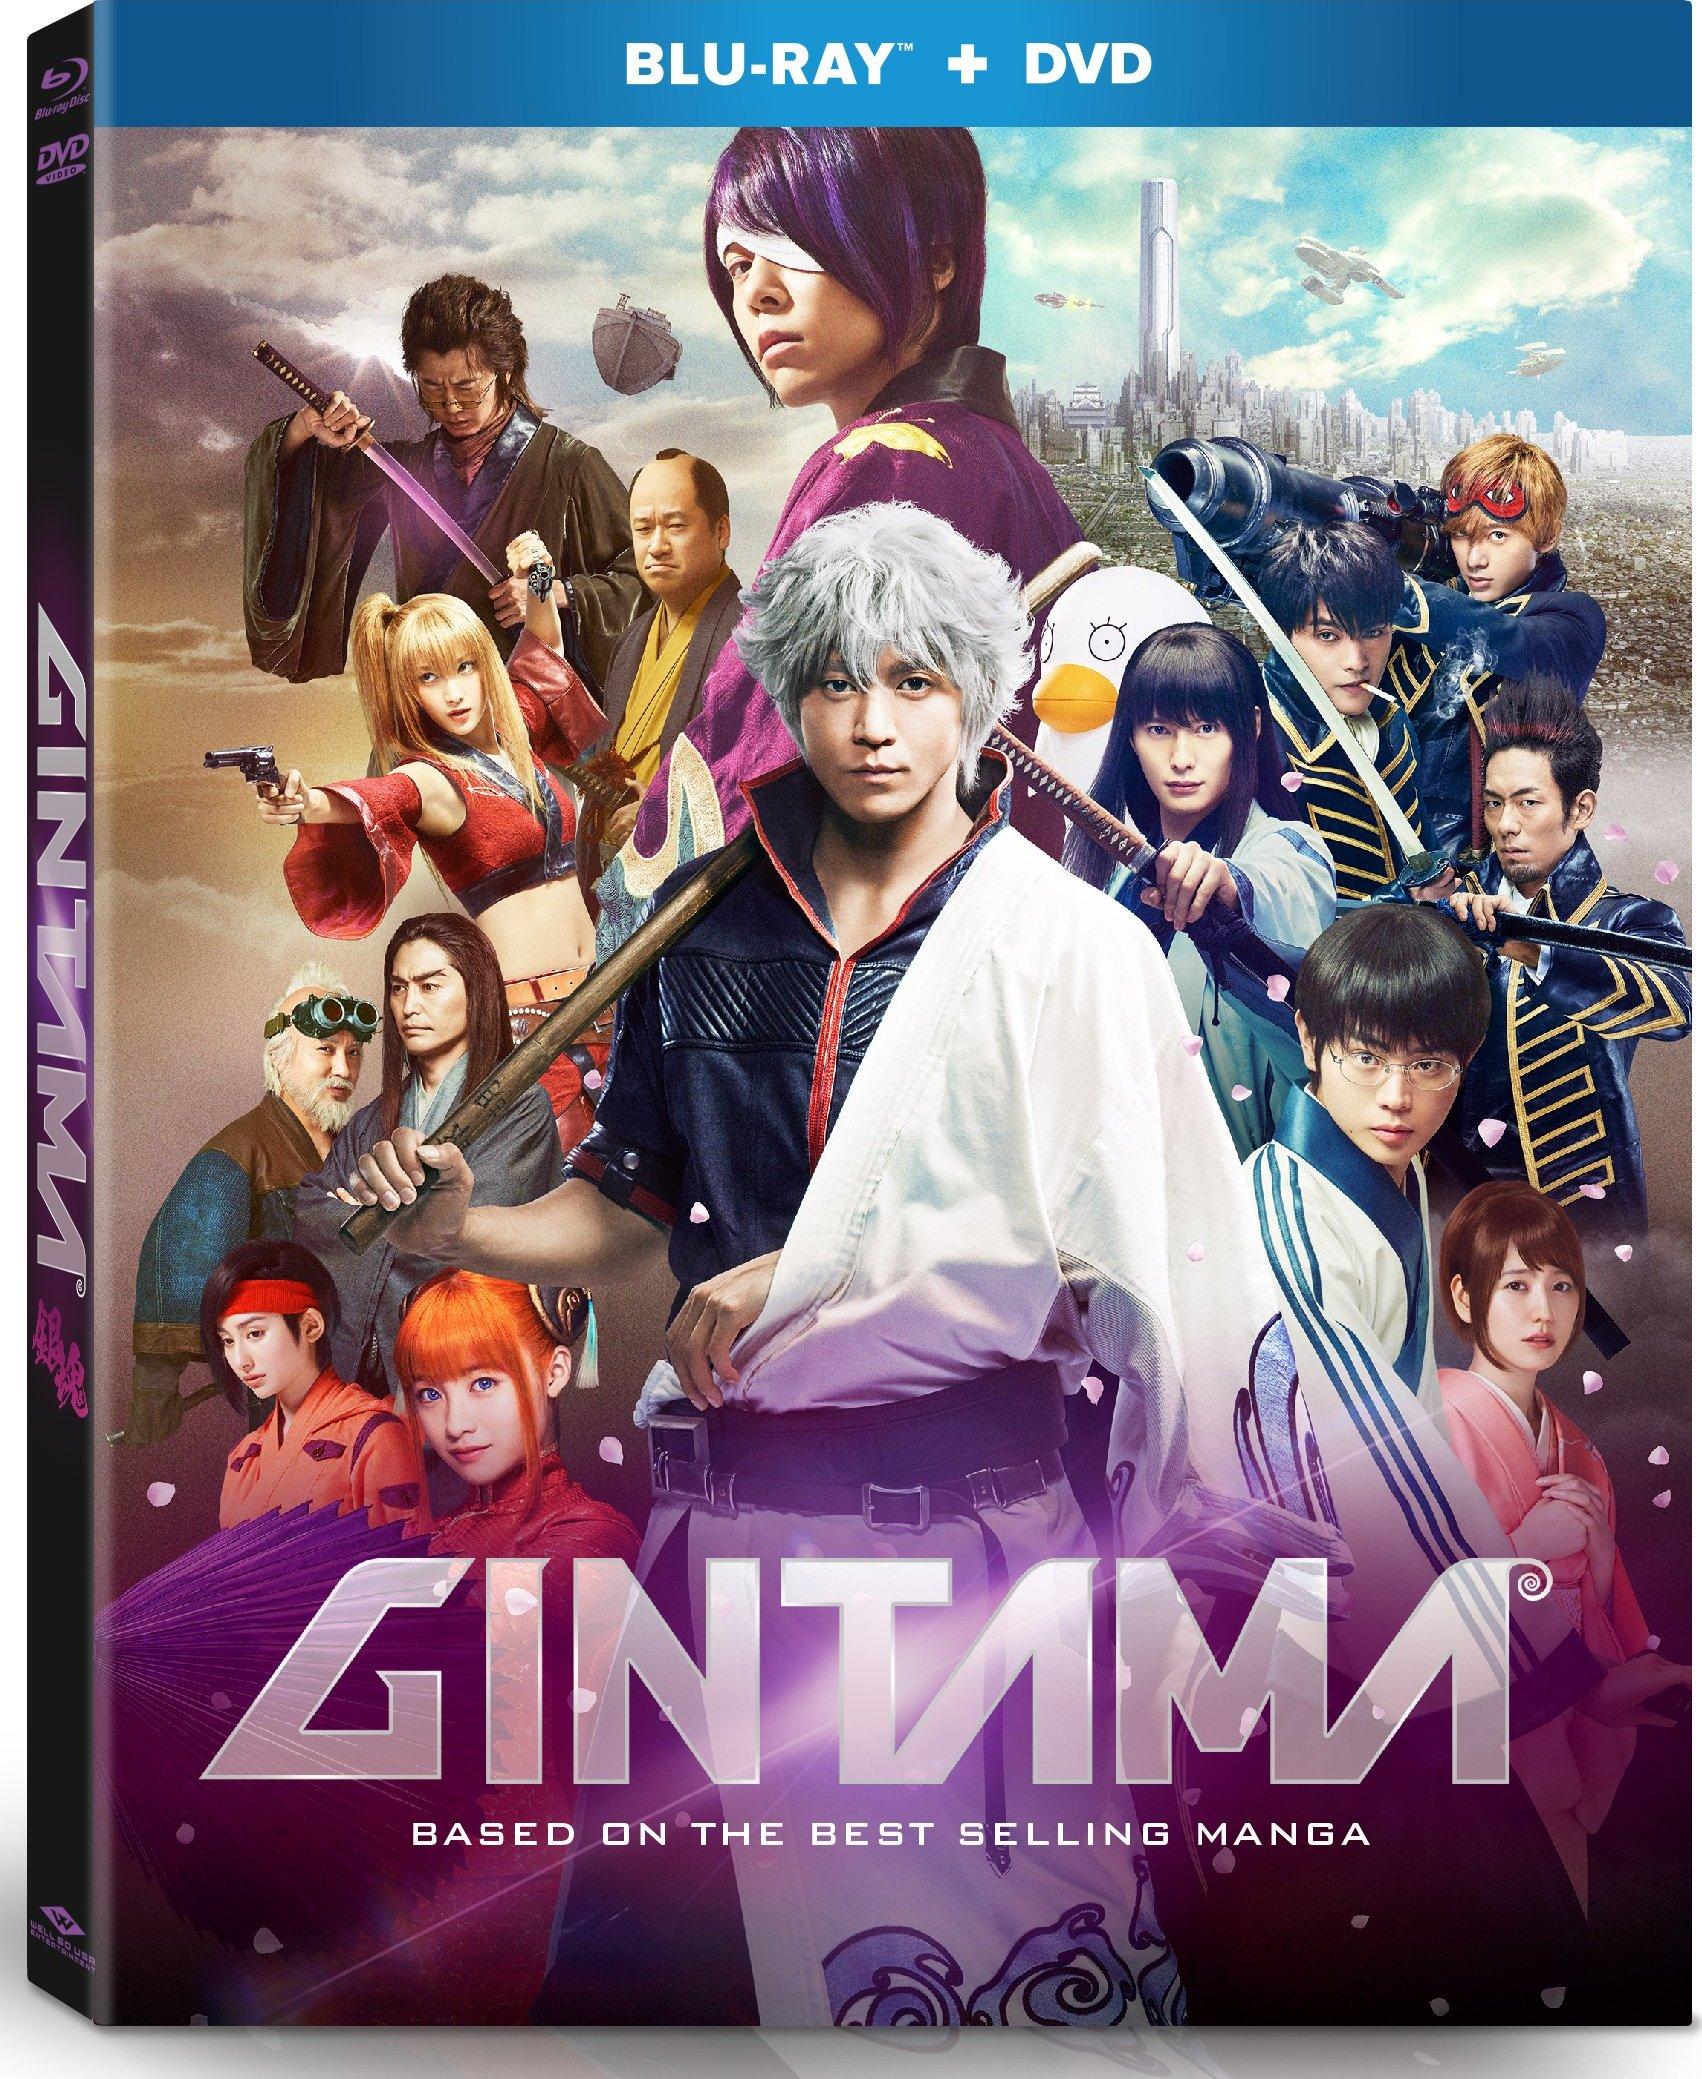 Gintama (2017) Blu-ray